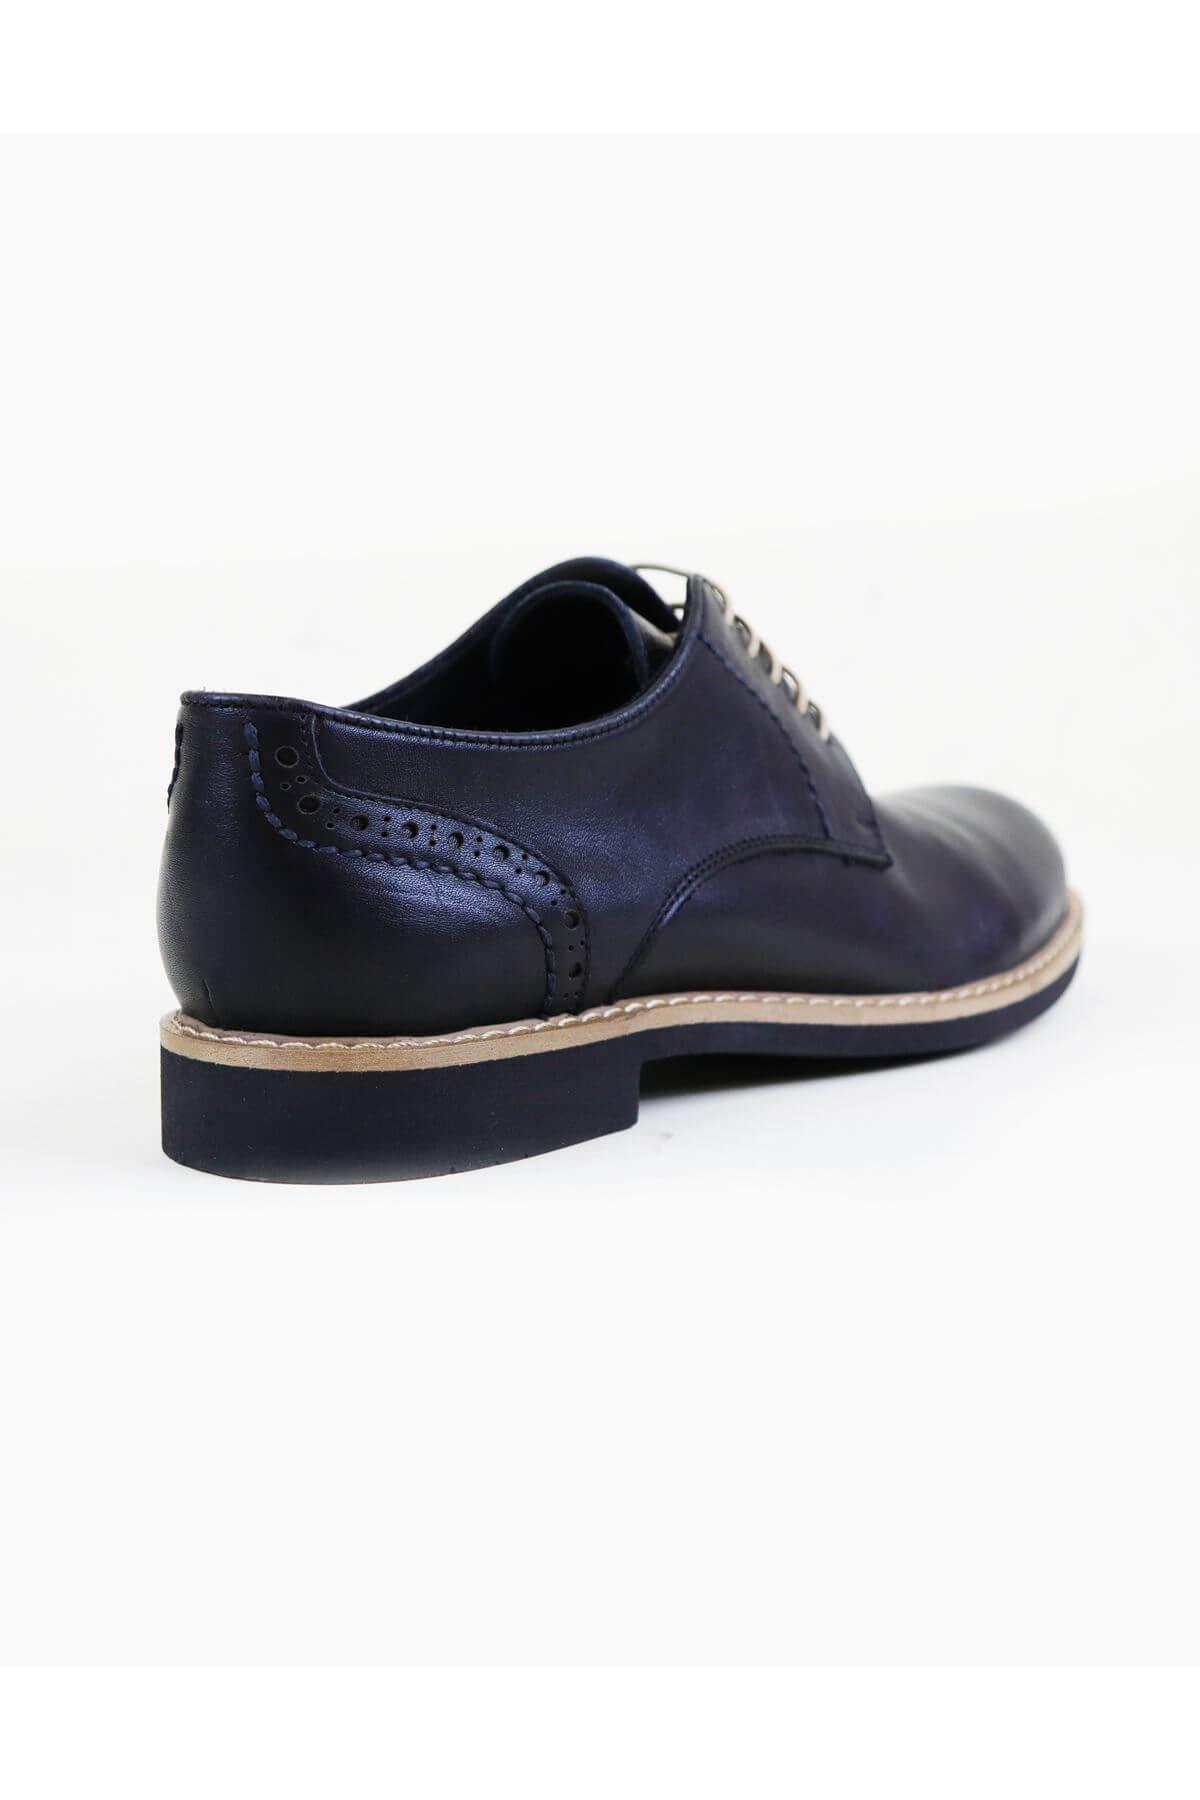 Free Foot 2650 Siyah Mat Hakiki Deri Erkek Ayakkabısı